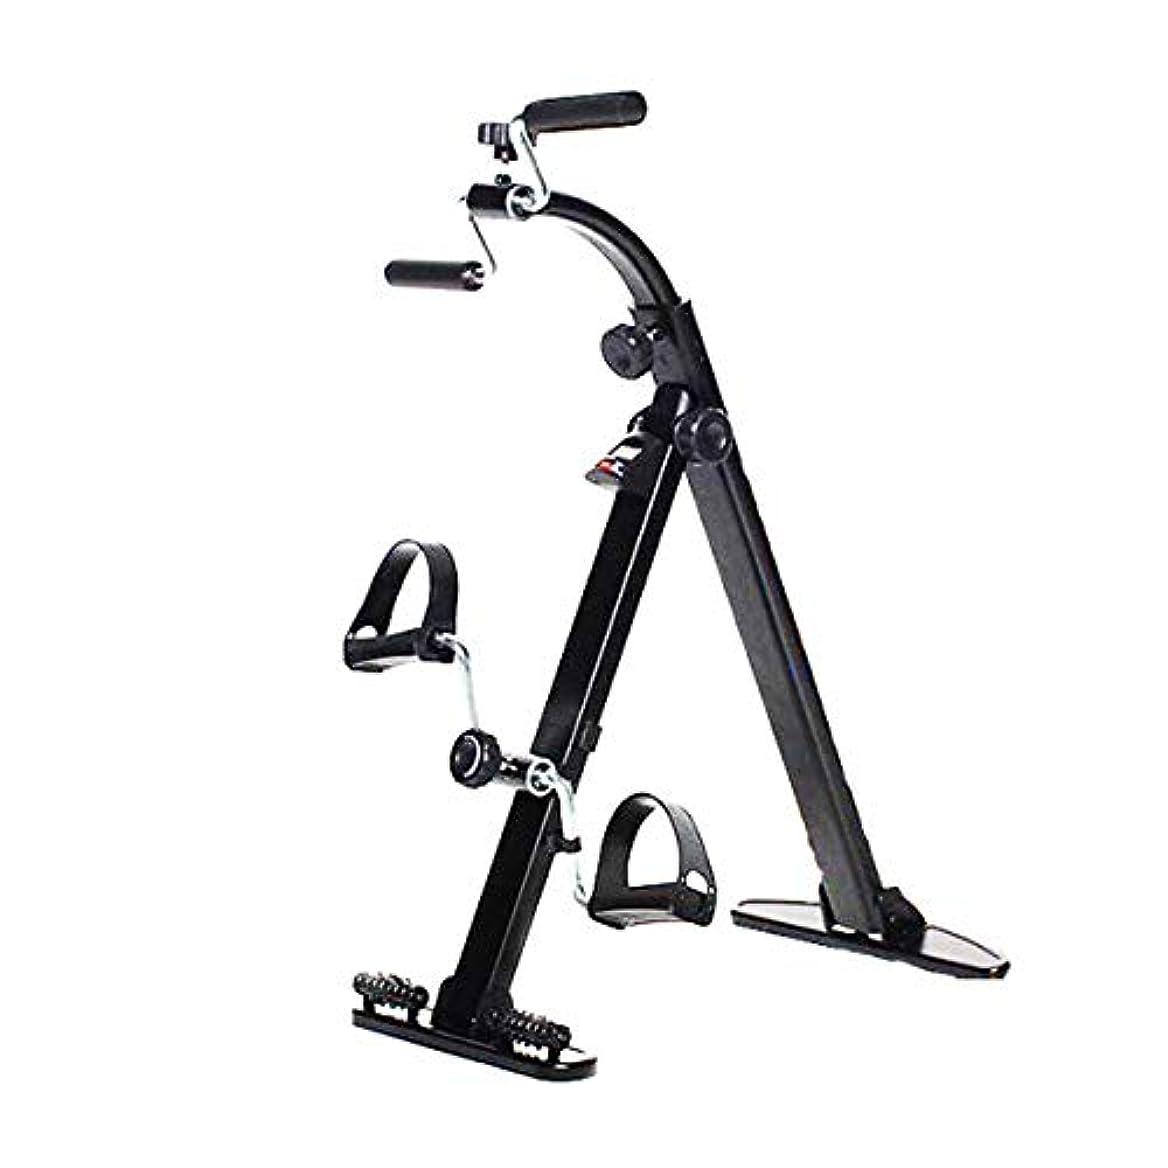 結び目報いる膨らみペダルエクササイザー、医療リハビリテーション体操上肢および下肢のトレーニング機器、筋萎縮リハビリテーション訓練を防ぐ,A